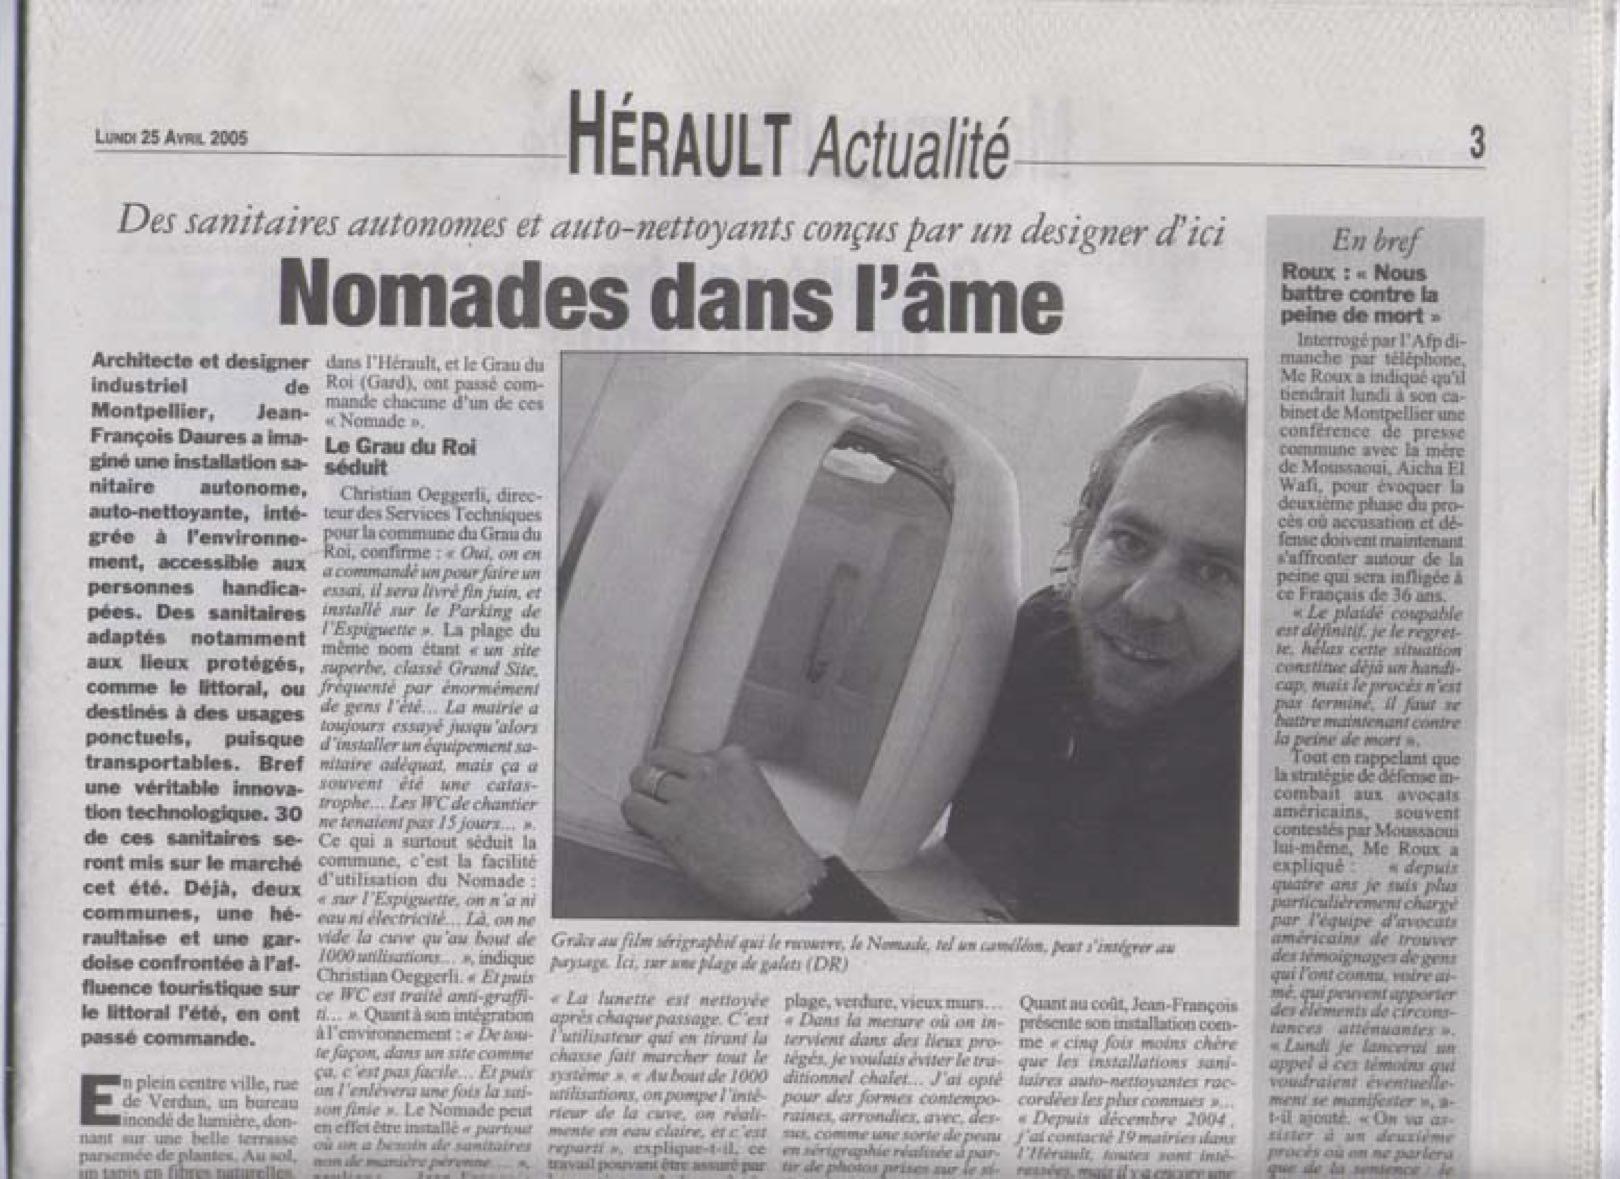 050425_-_Hérault_du_jour_Nomade